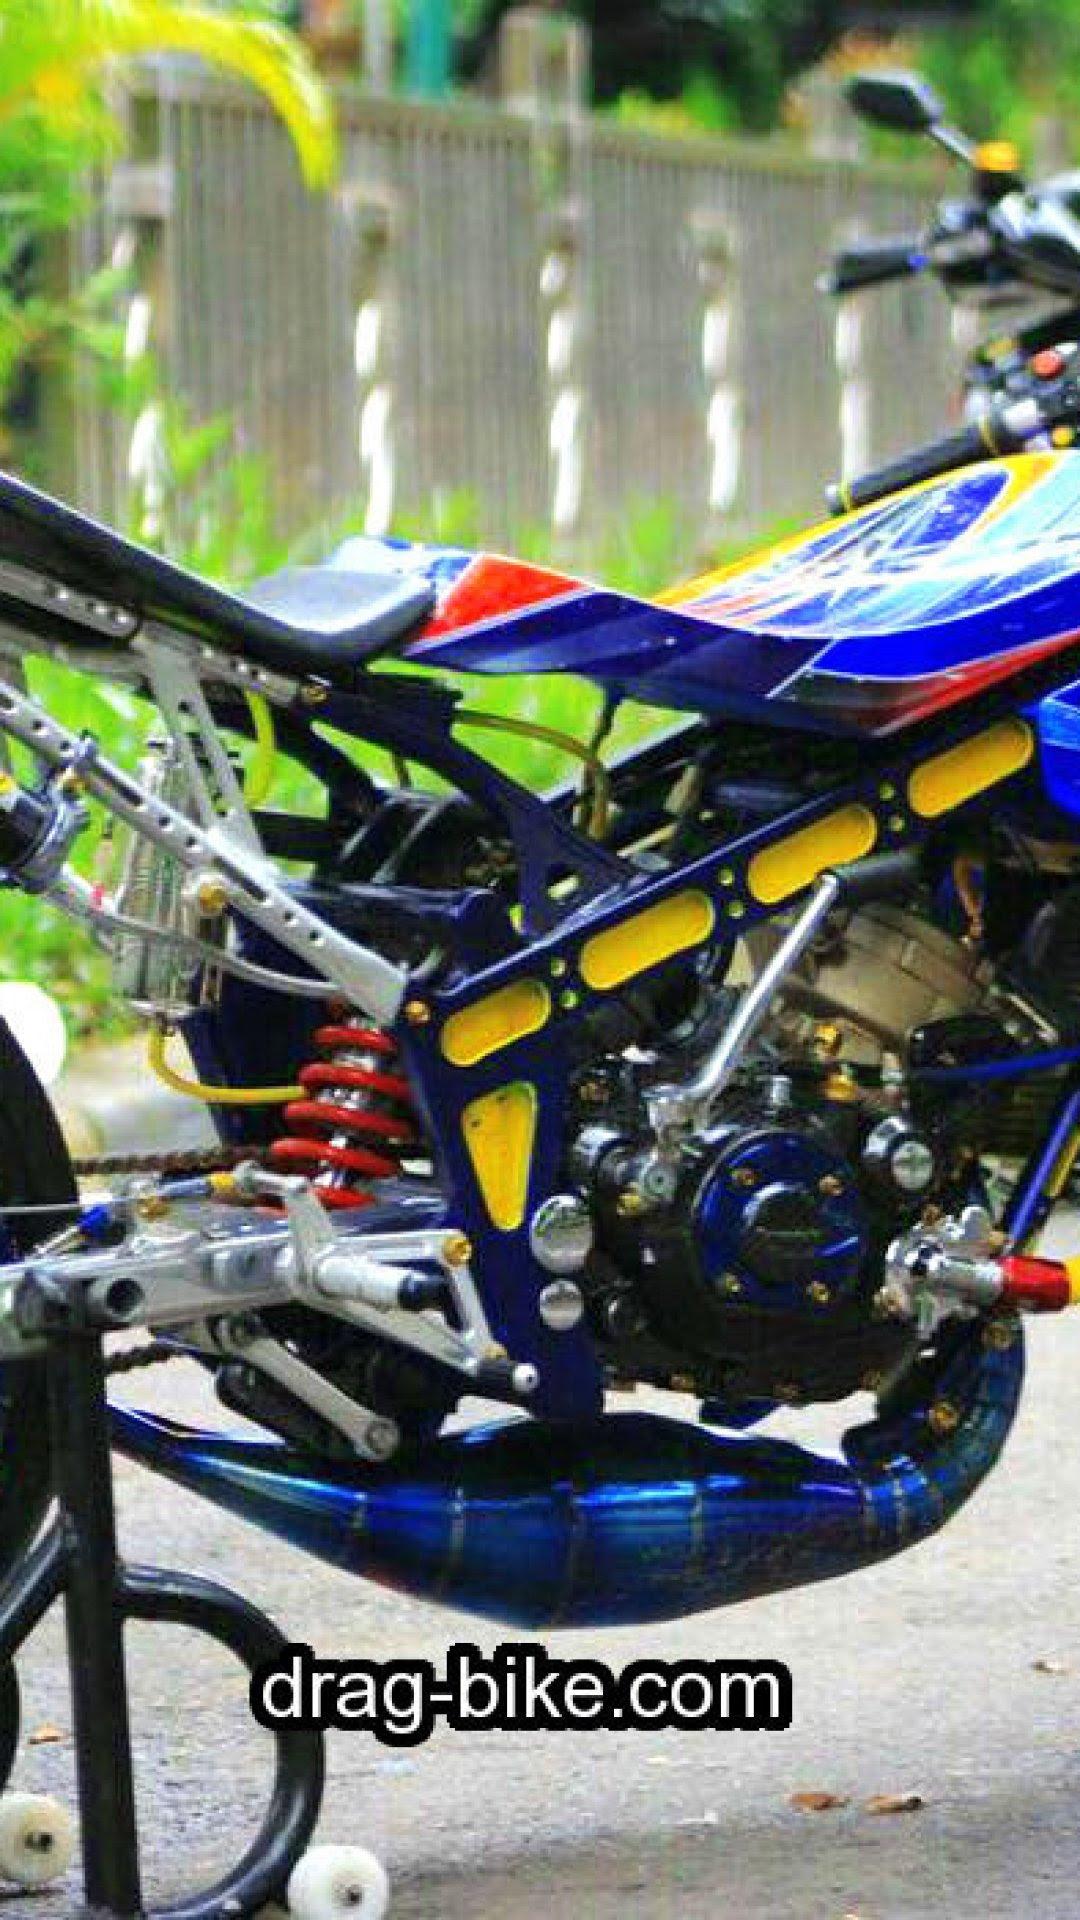 97 Gambar Motor Drag Ninja Thailand Terkeren Ranting Modifikasi